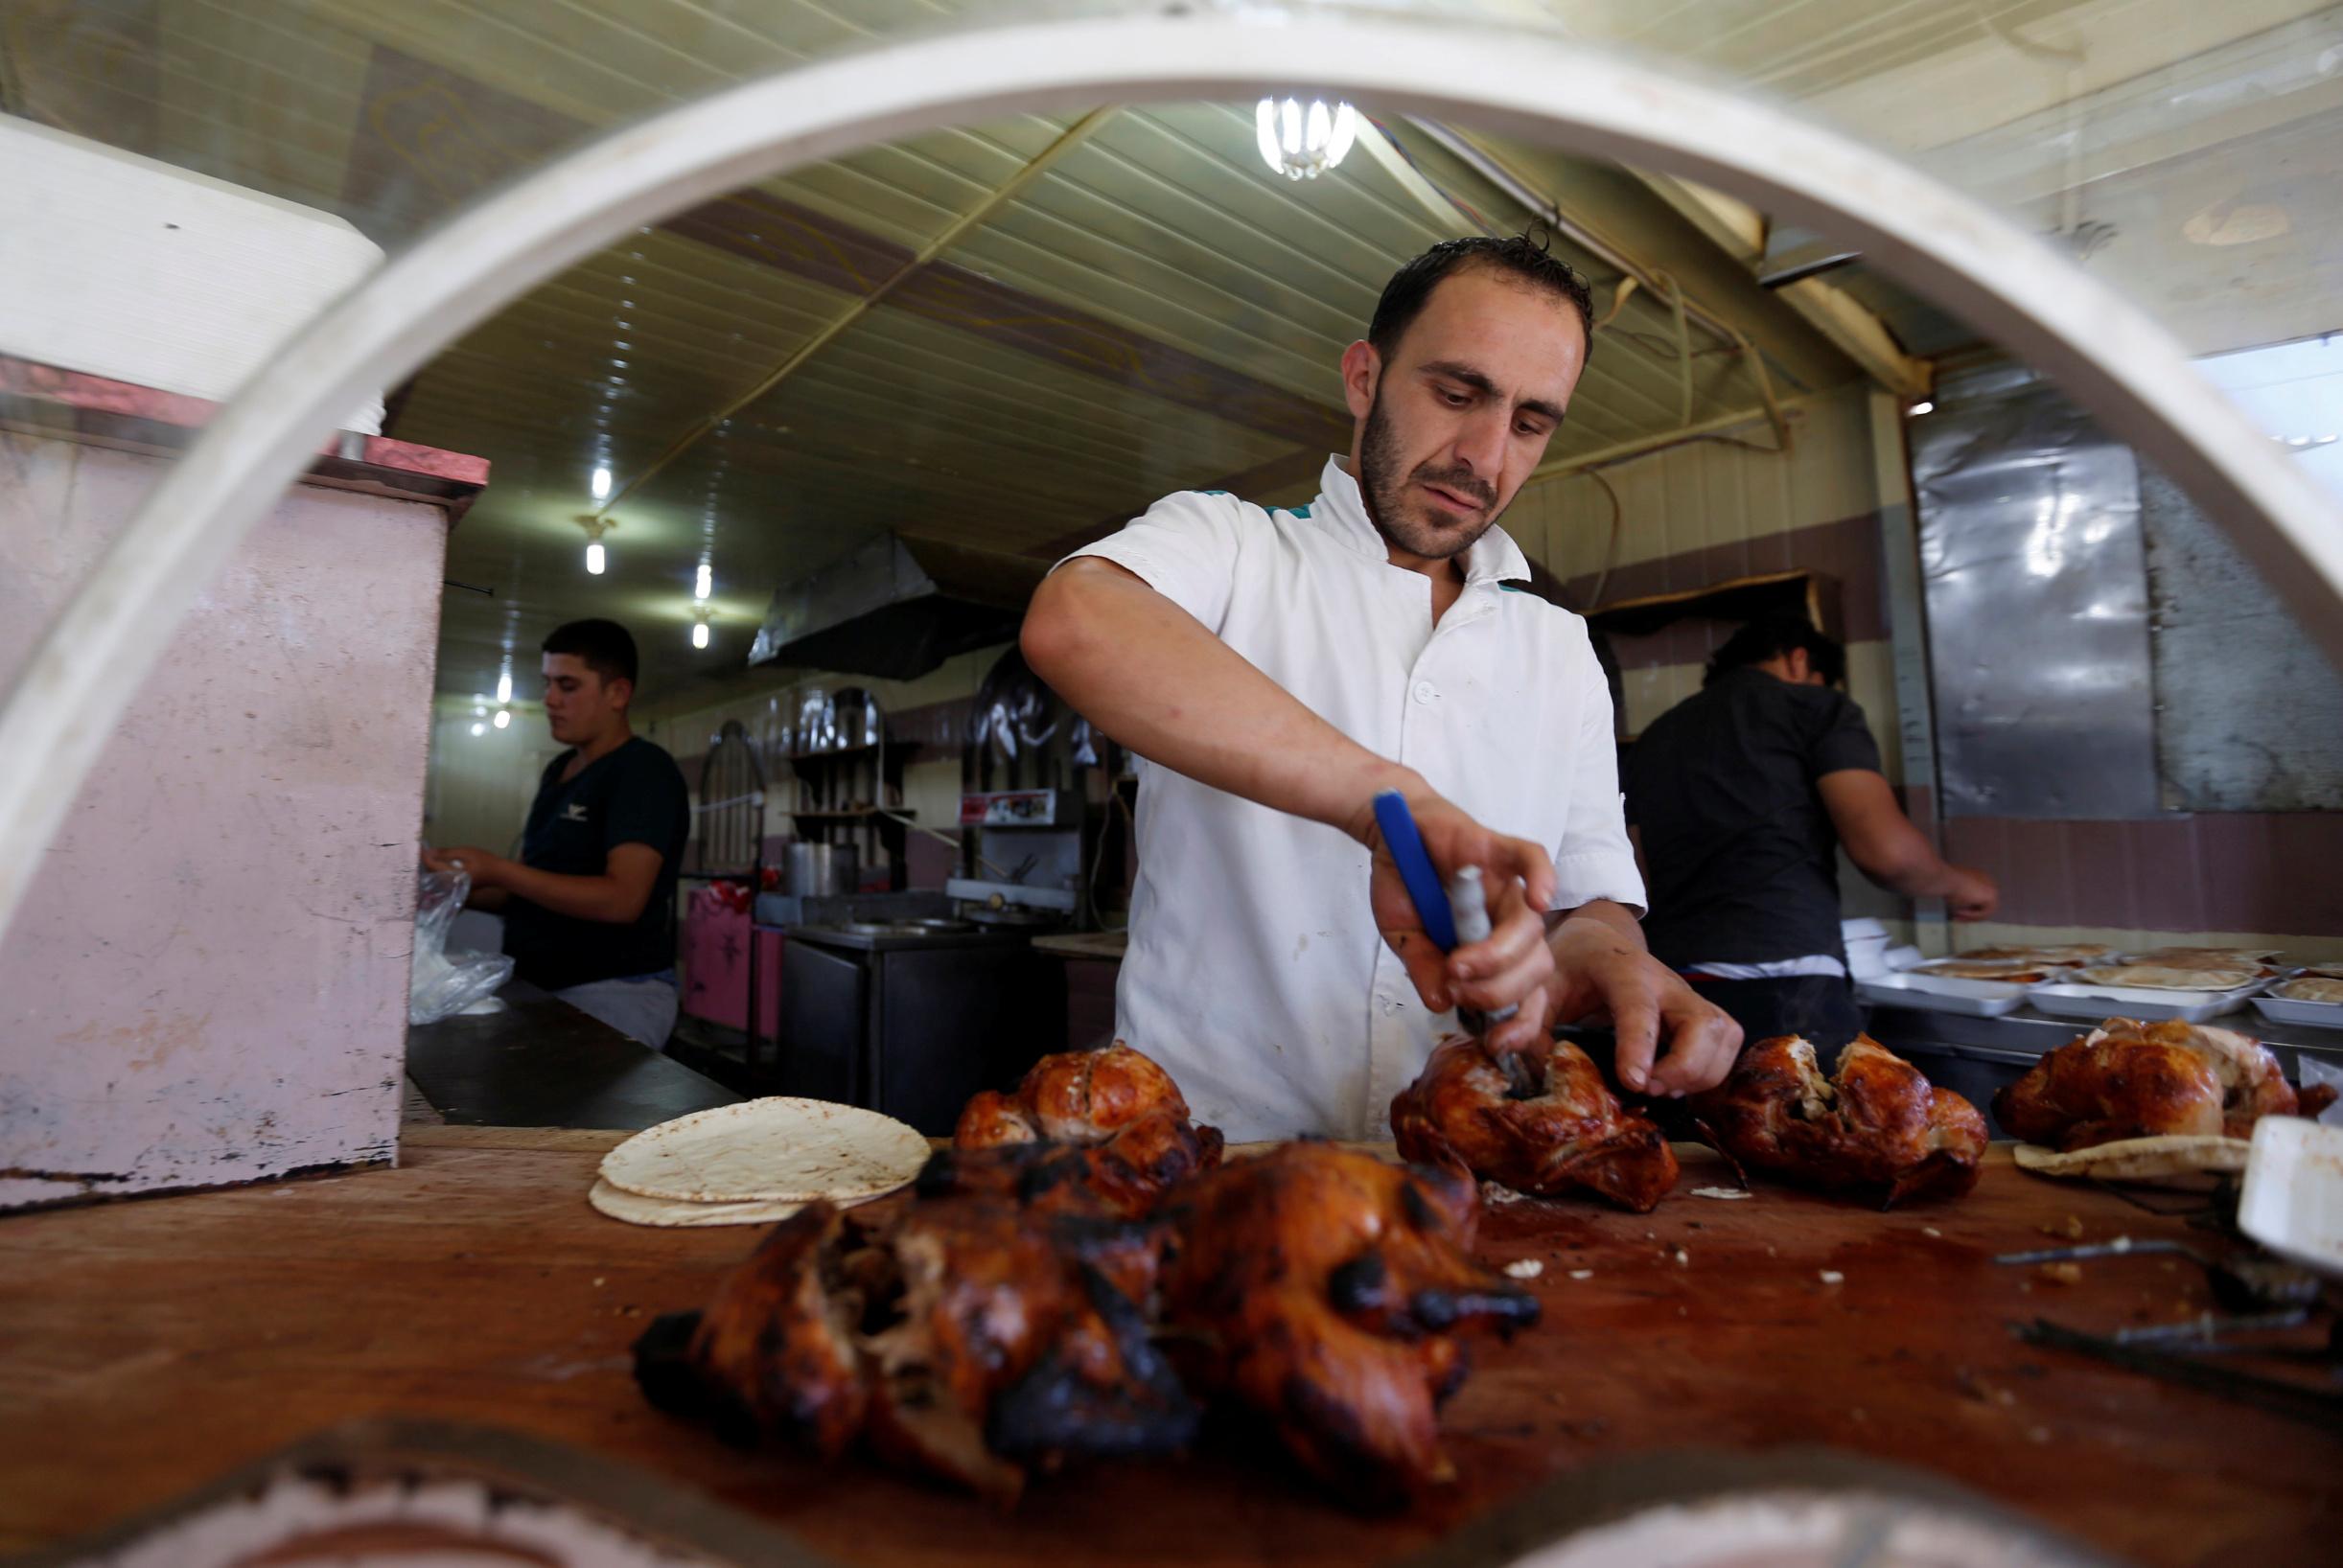 Ilustracija, sirijski izbjeglica priprema hranu